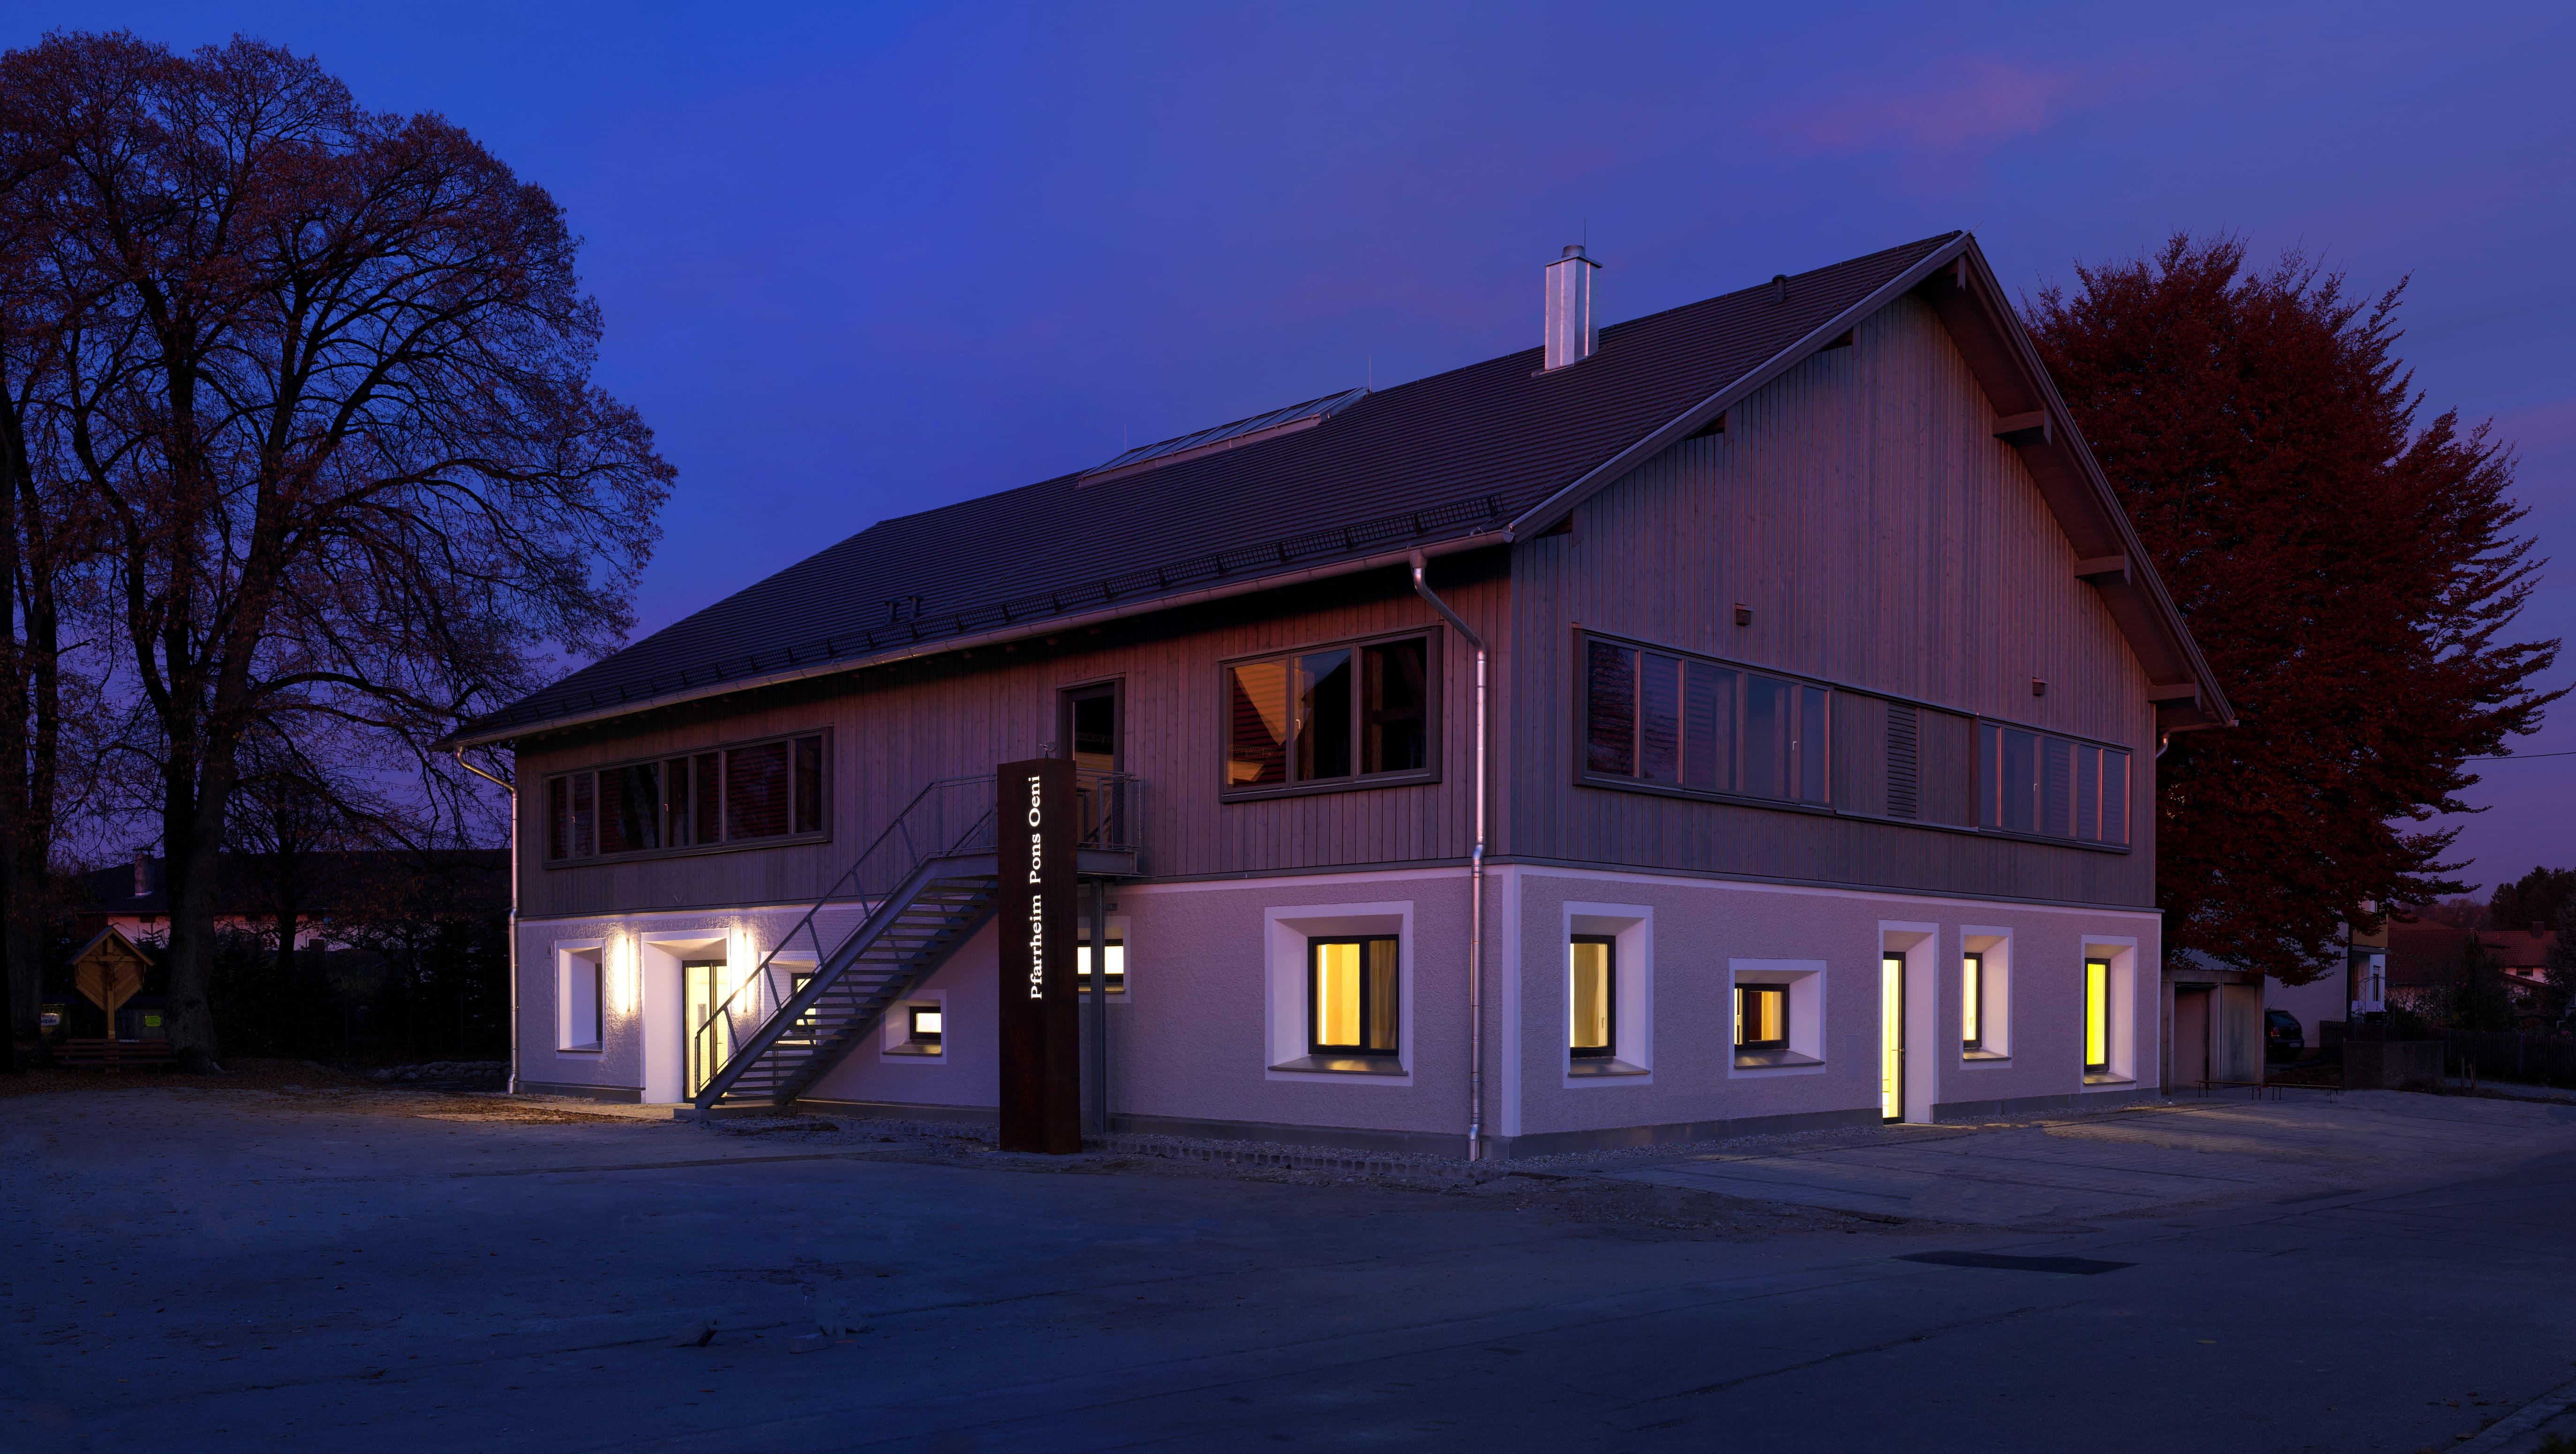 Pfarrheim St. Laurentius Aussen Nacht